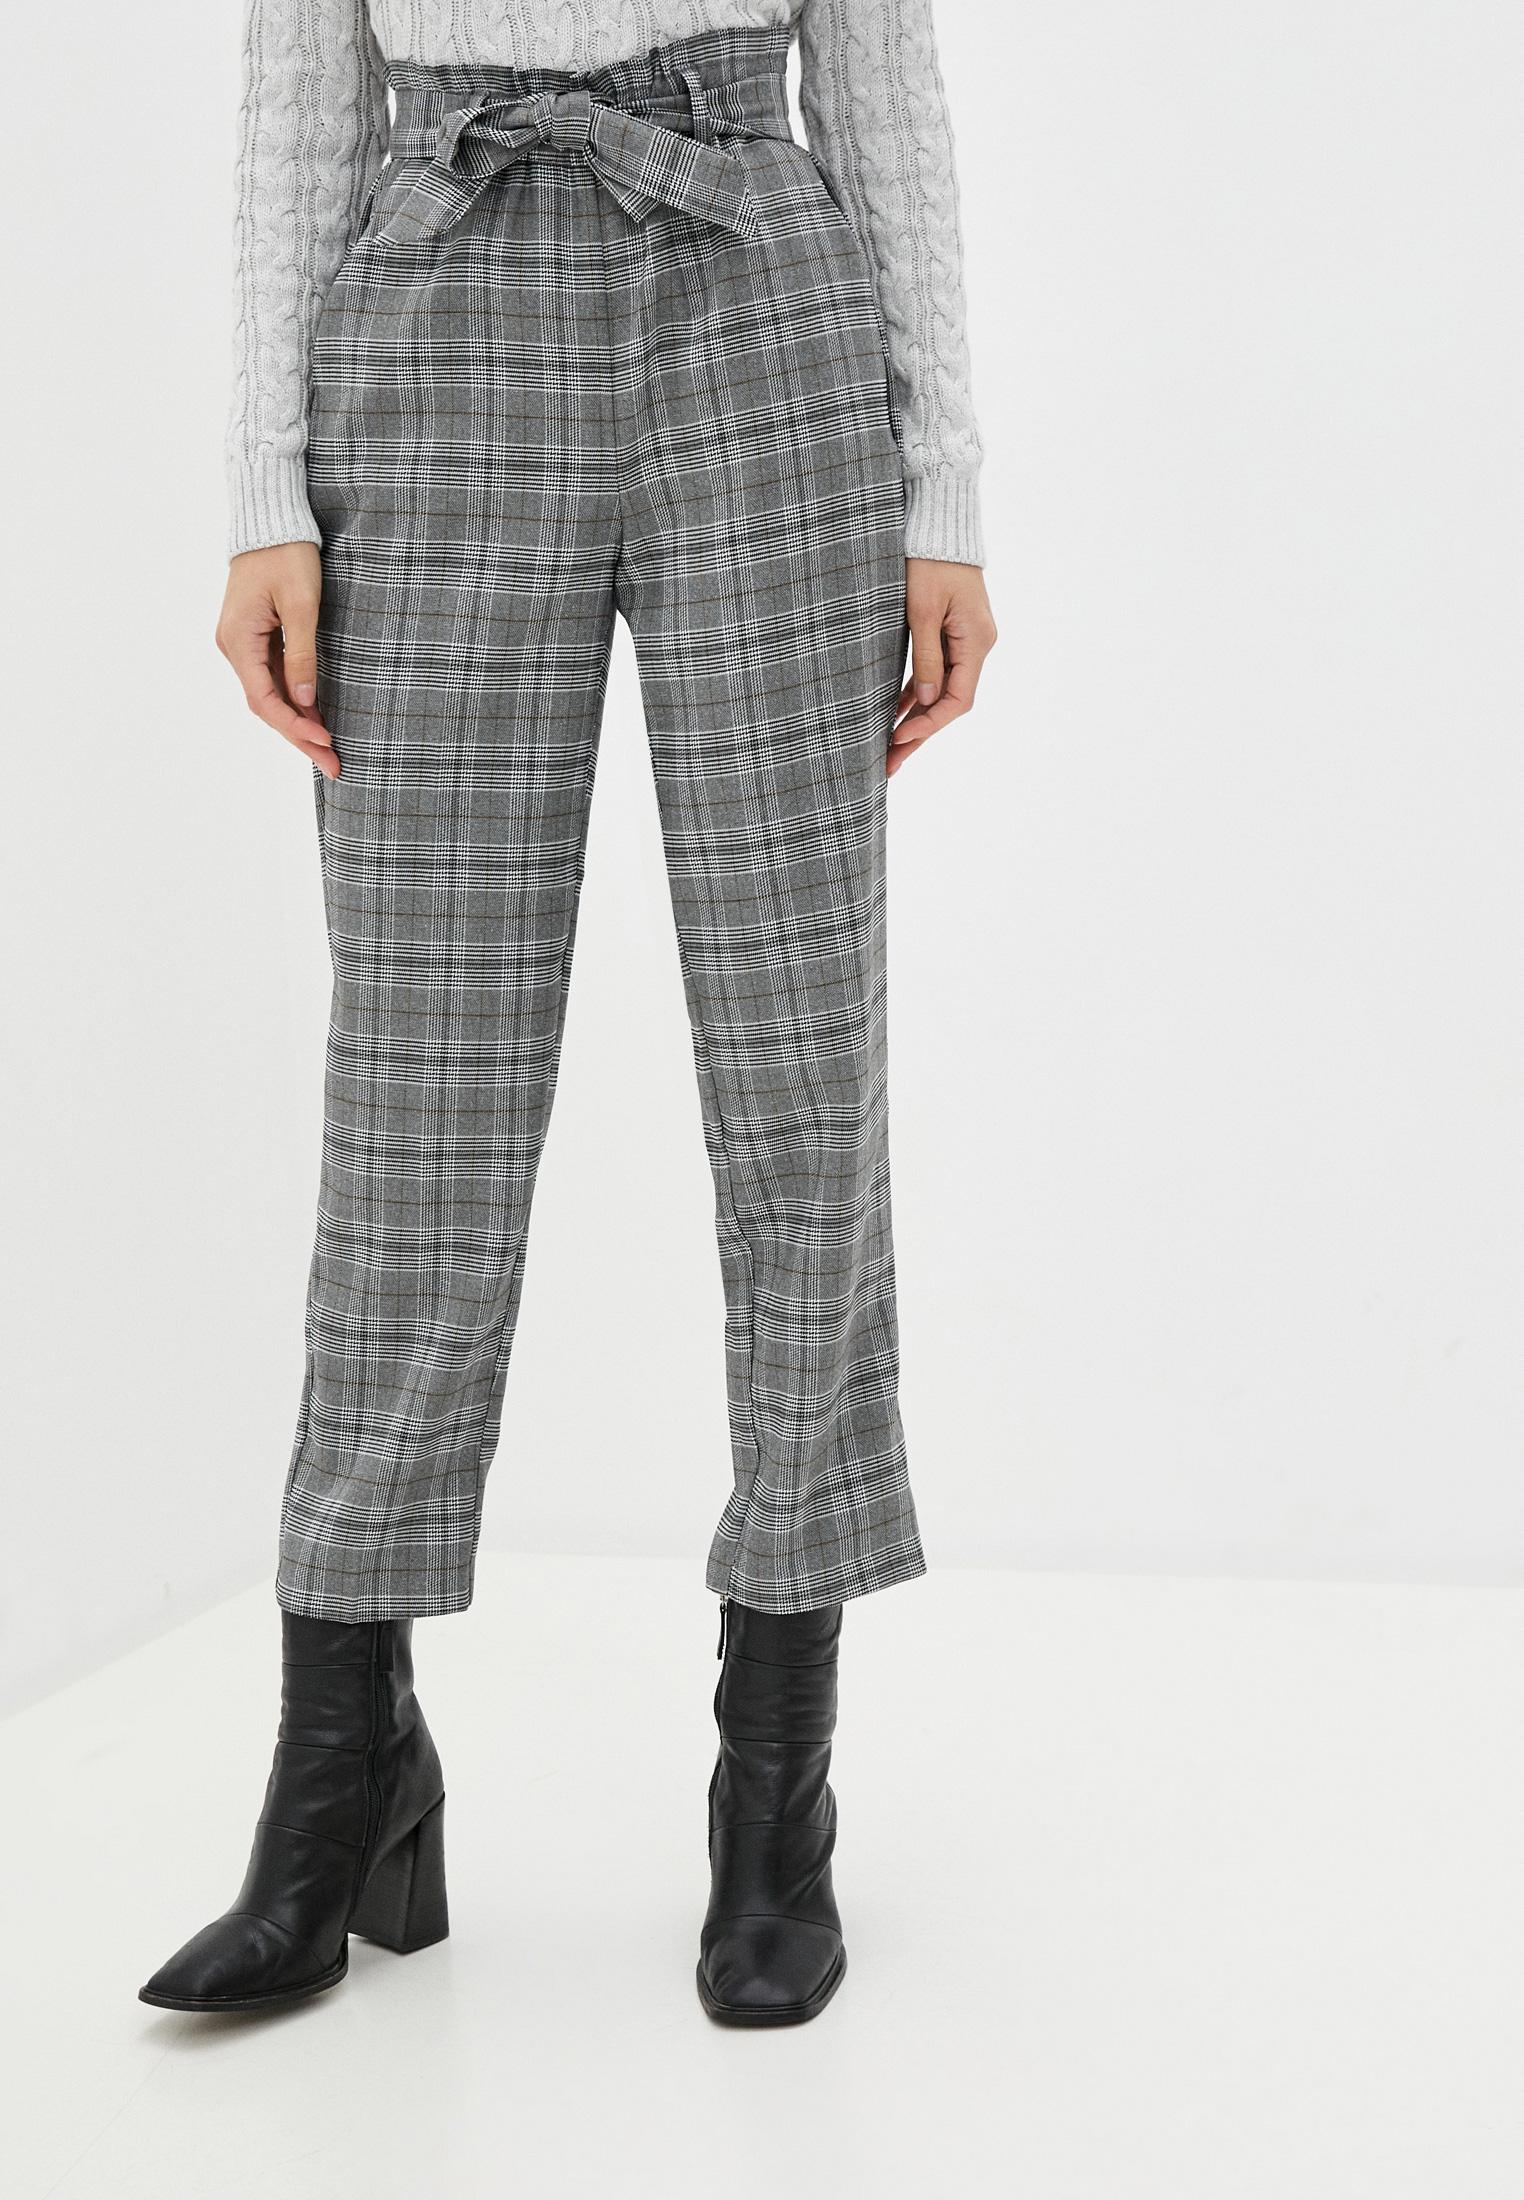 Женские классические брюки Zolla Брюки Zolla